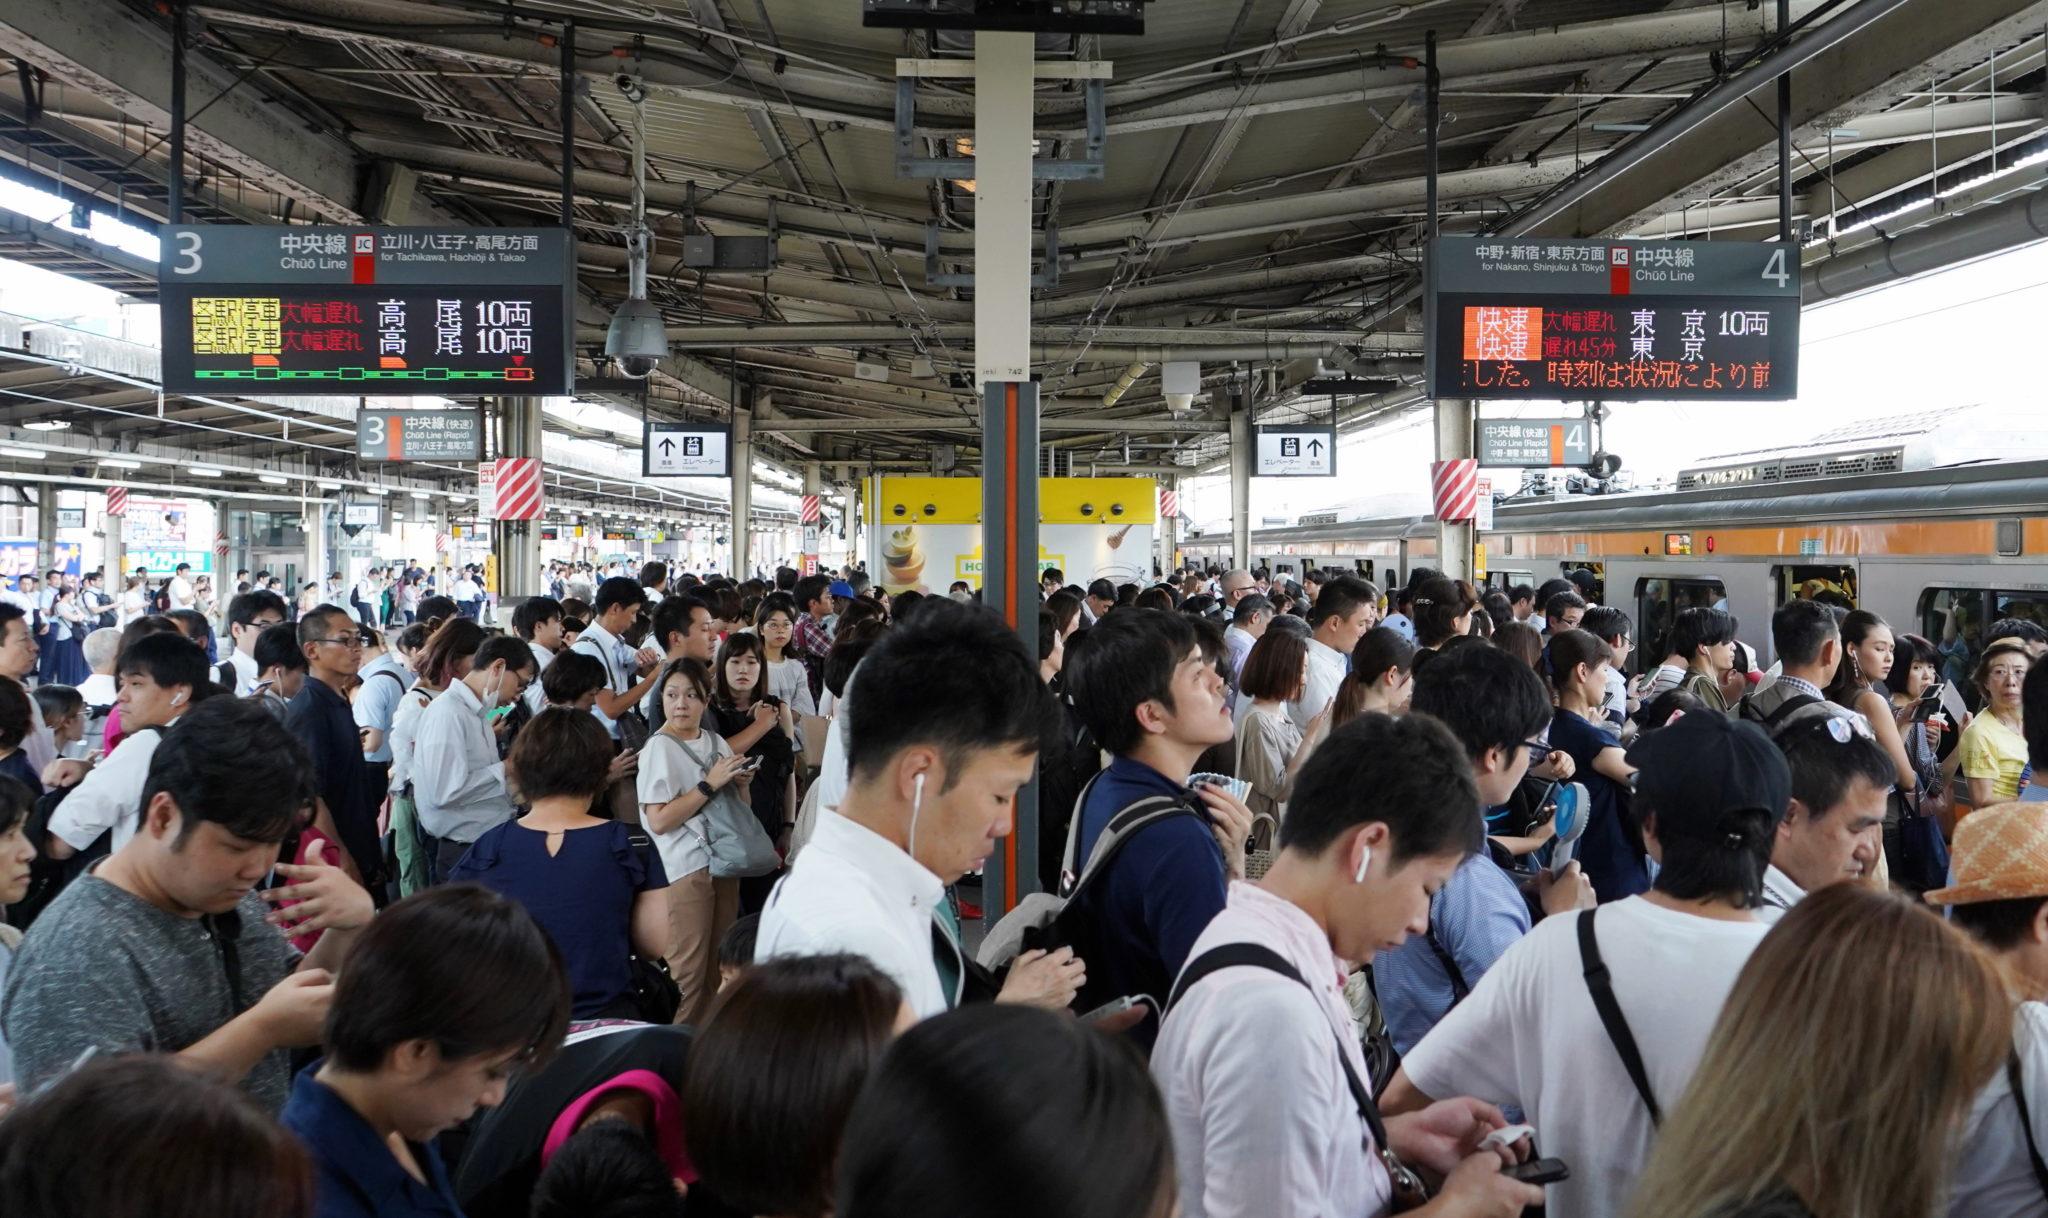 Japonia: według najnowszych doniesień medialnych jedna osoba zginęła, a 40 osób zostało rannych, fot. PAP/EPA